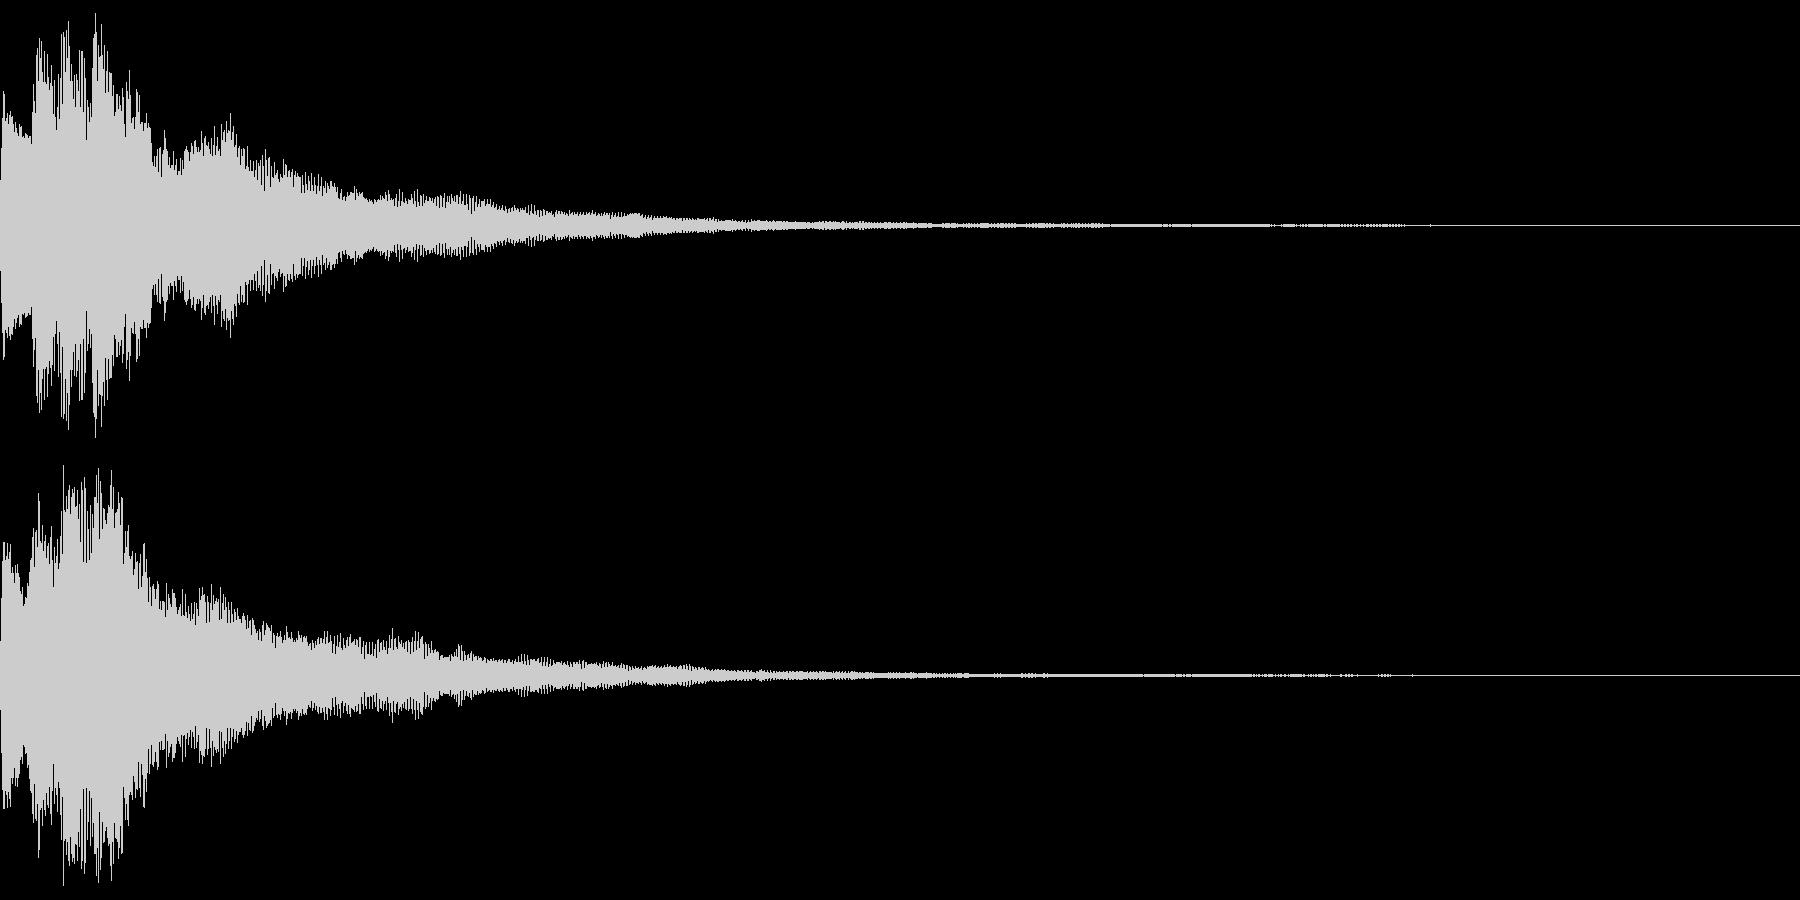 キラキラ キランなアタック音6-3の未再生の波形